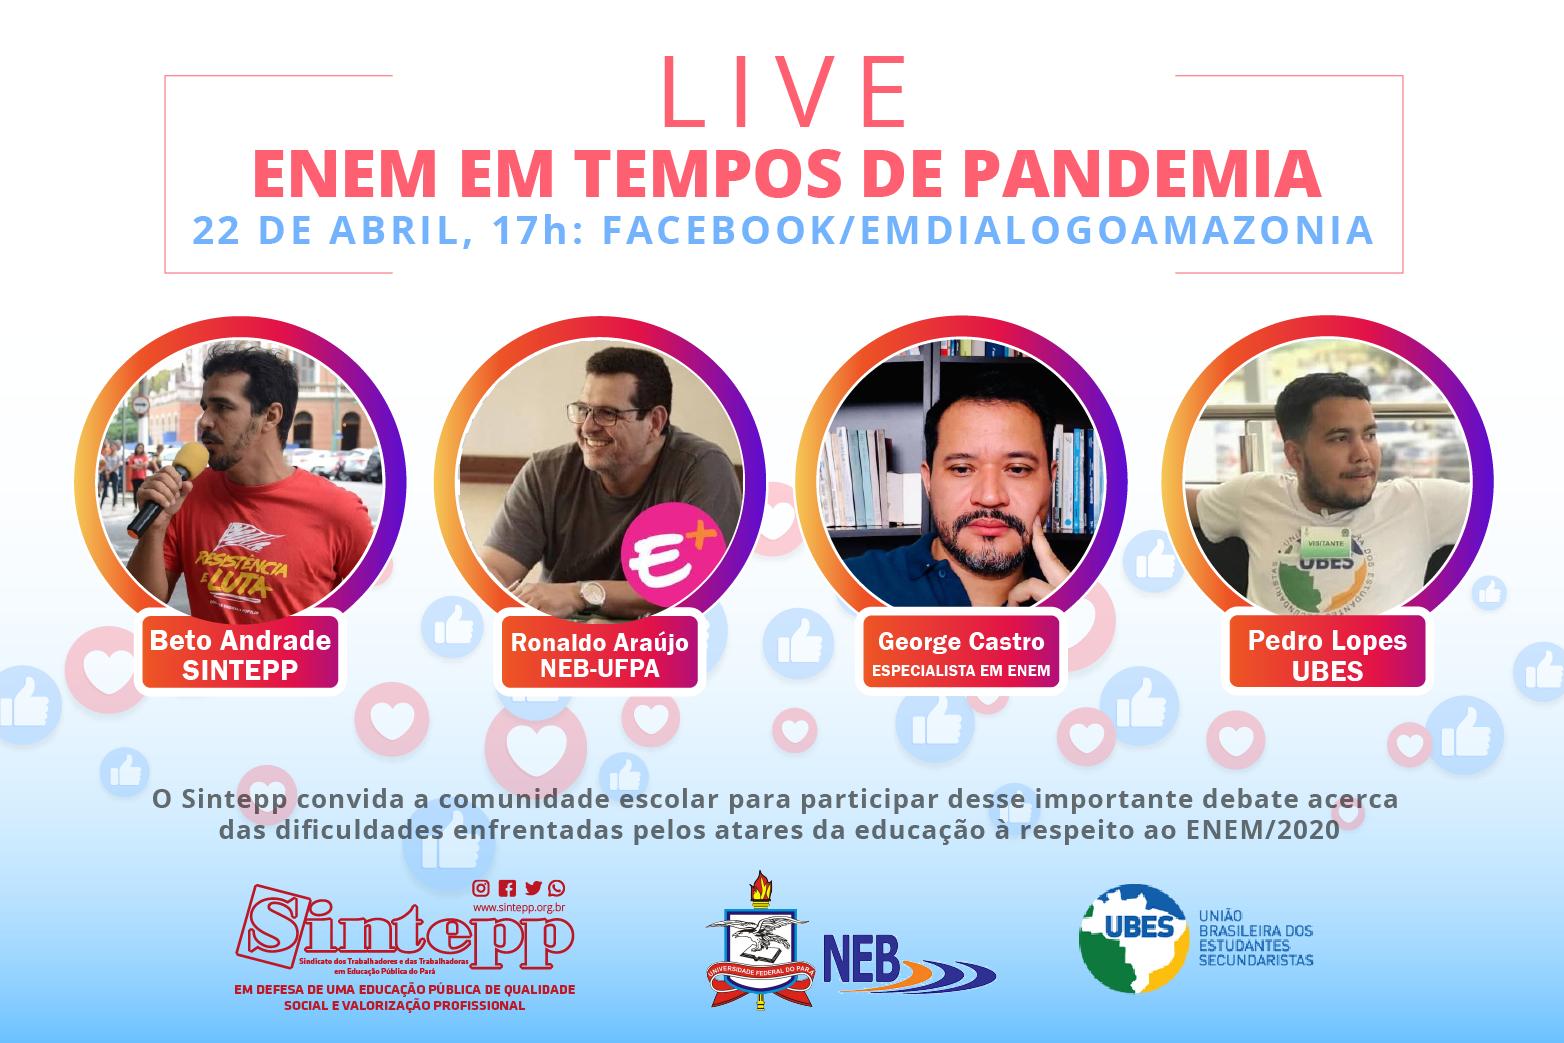 Live: Enem em tempos de pandemia